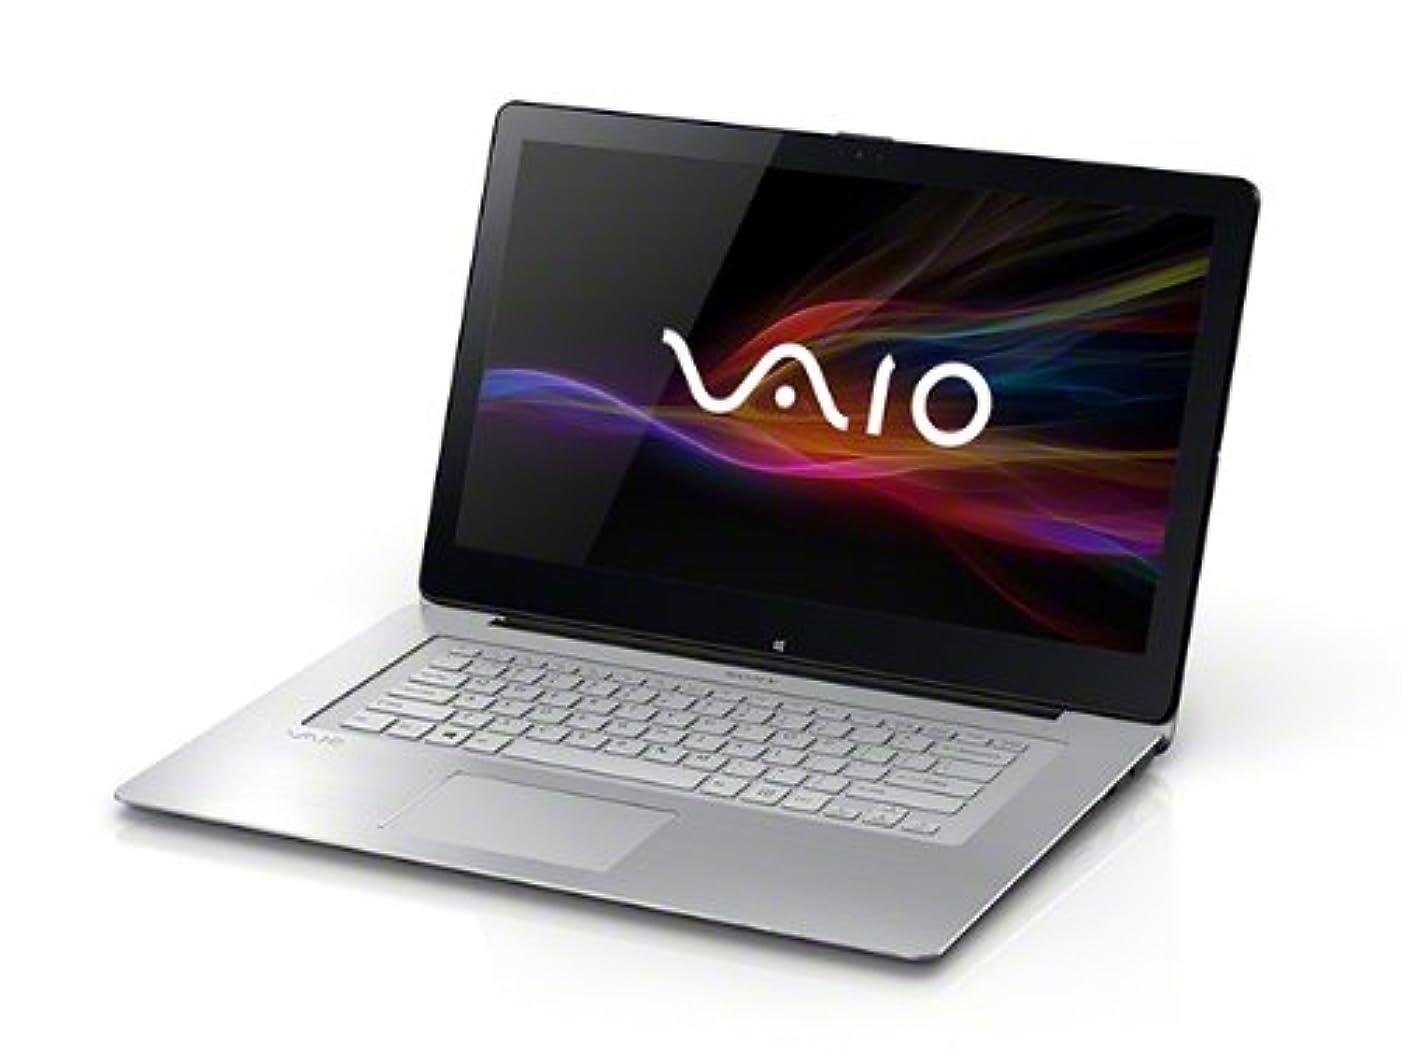 十億ファイター浸漬ソニー(VAIO) VAIO Fit 15A (15.5型タッチ/Win8.1_64/Ci3/4G/1T/Office) シルバー SVF15N27EJS